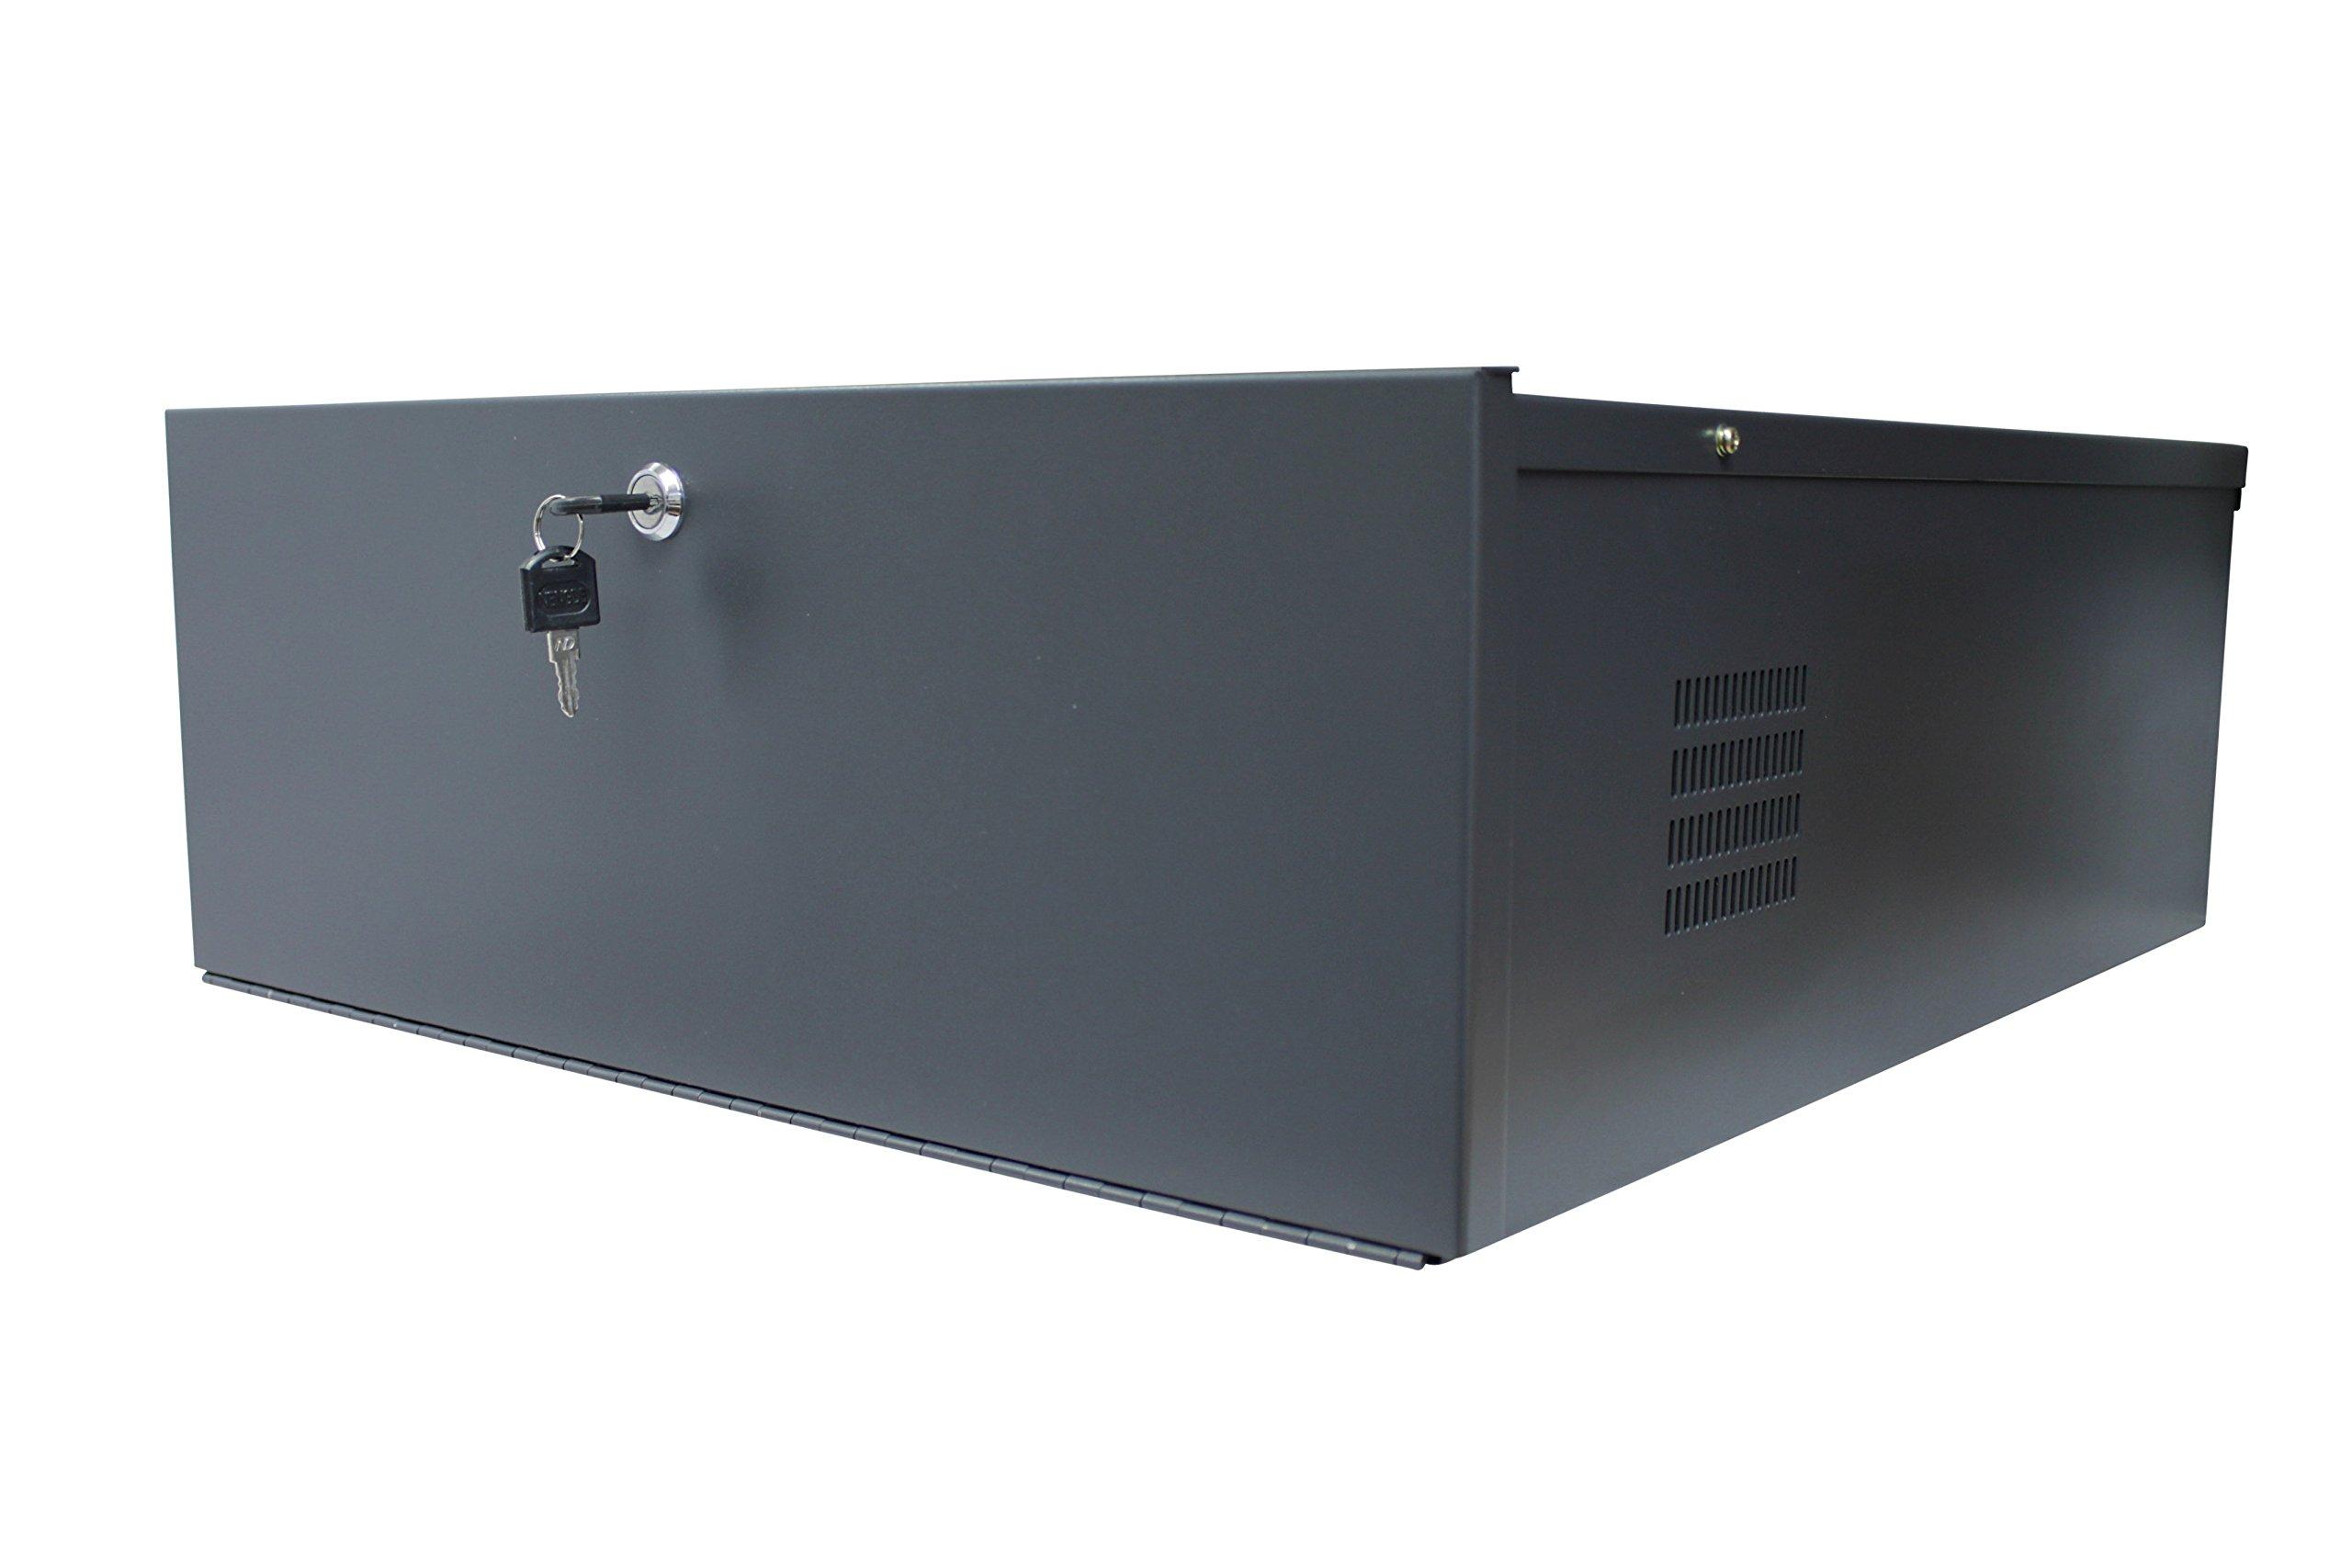 Kenuco Heavy Duty 16 Gauge Steel 24'' x 21'' x 8'' DVR Security Lockbox with Fan by Kenuco